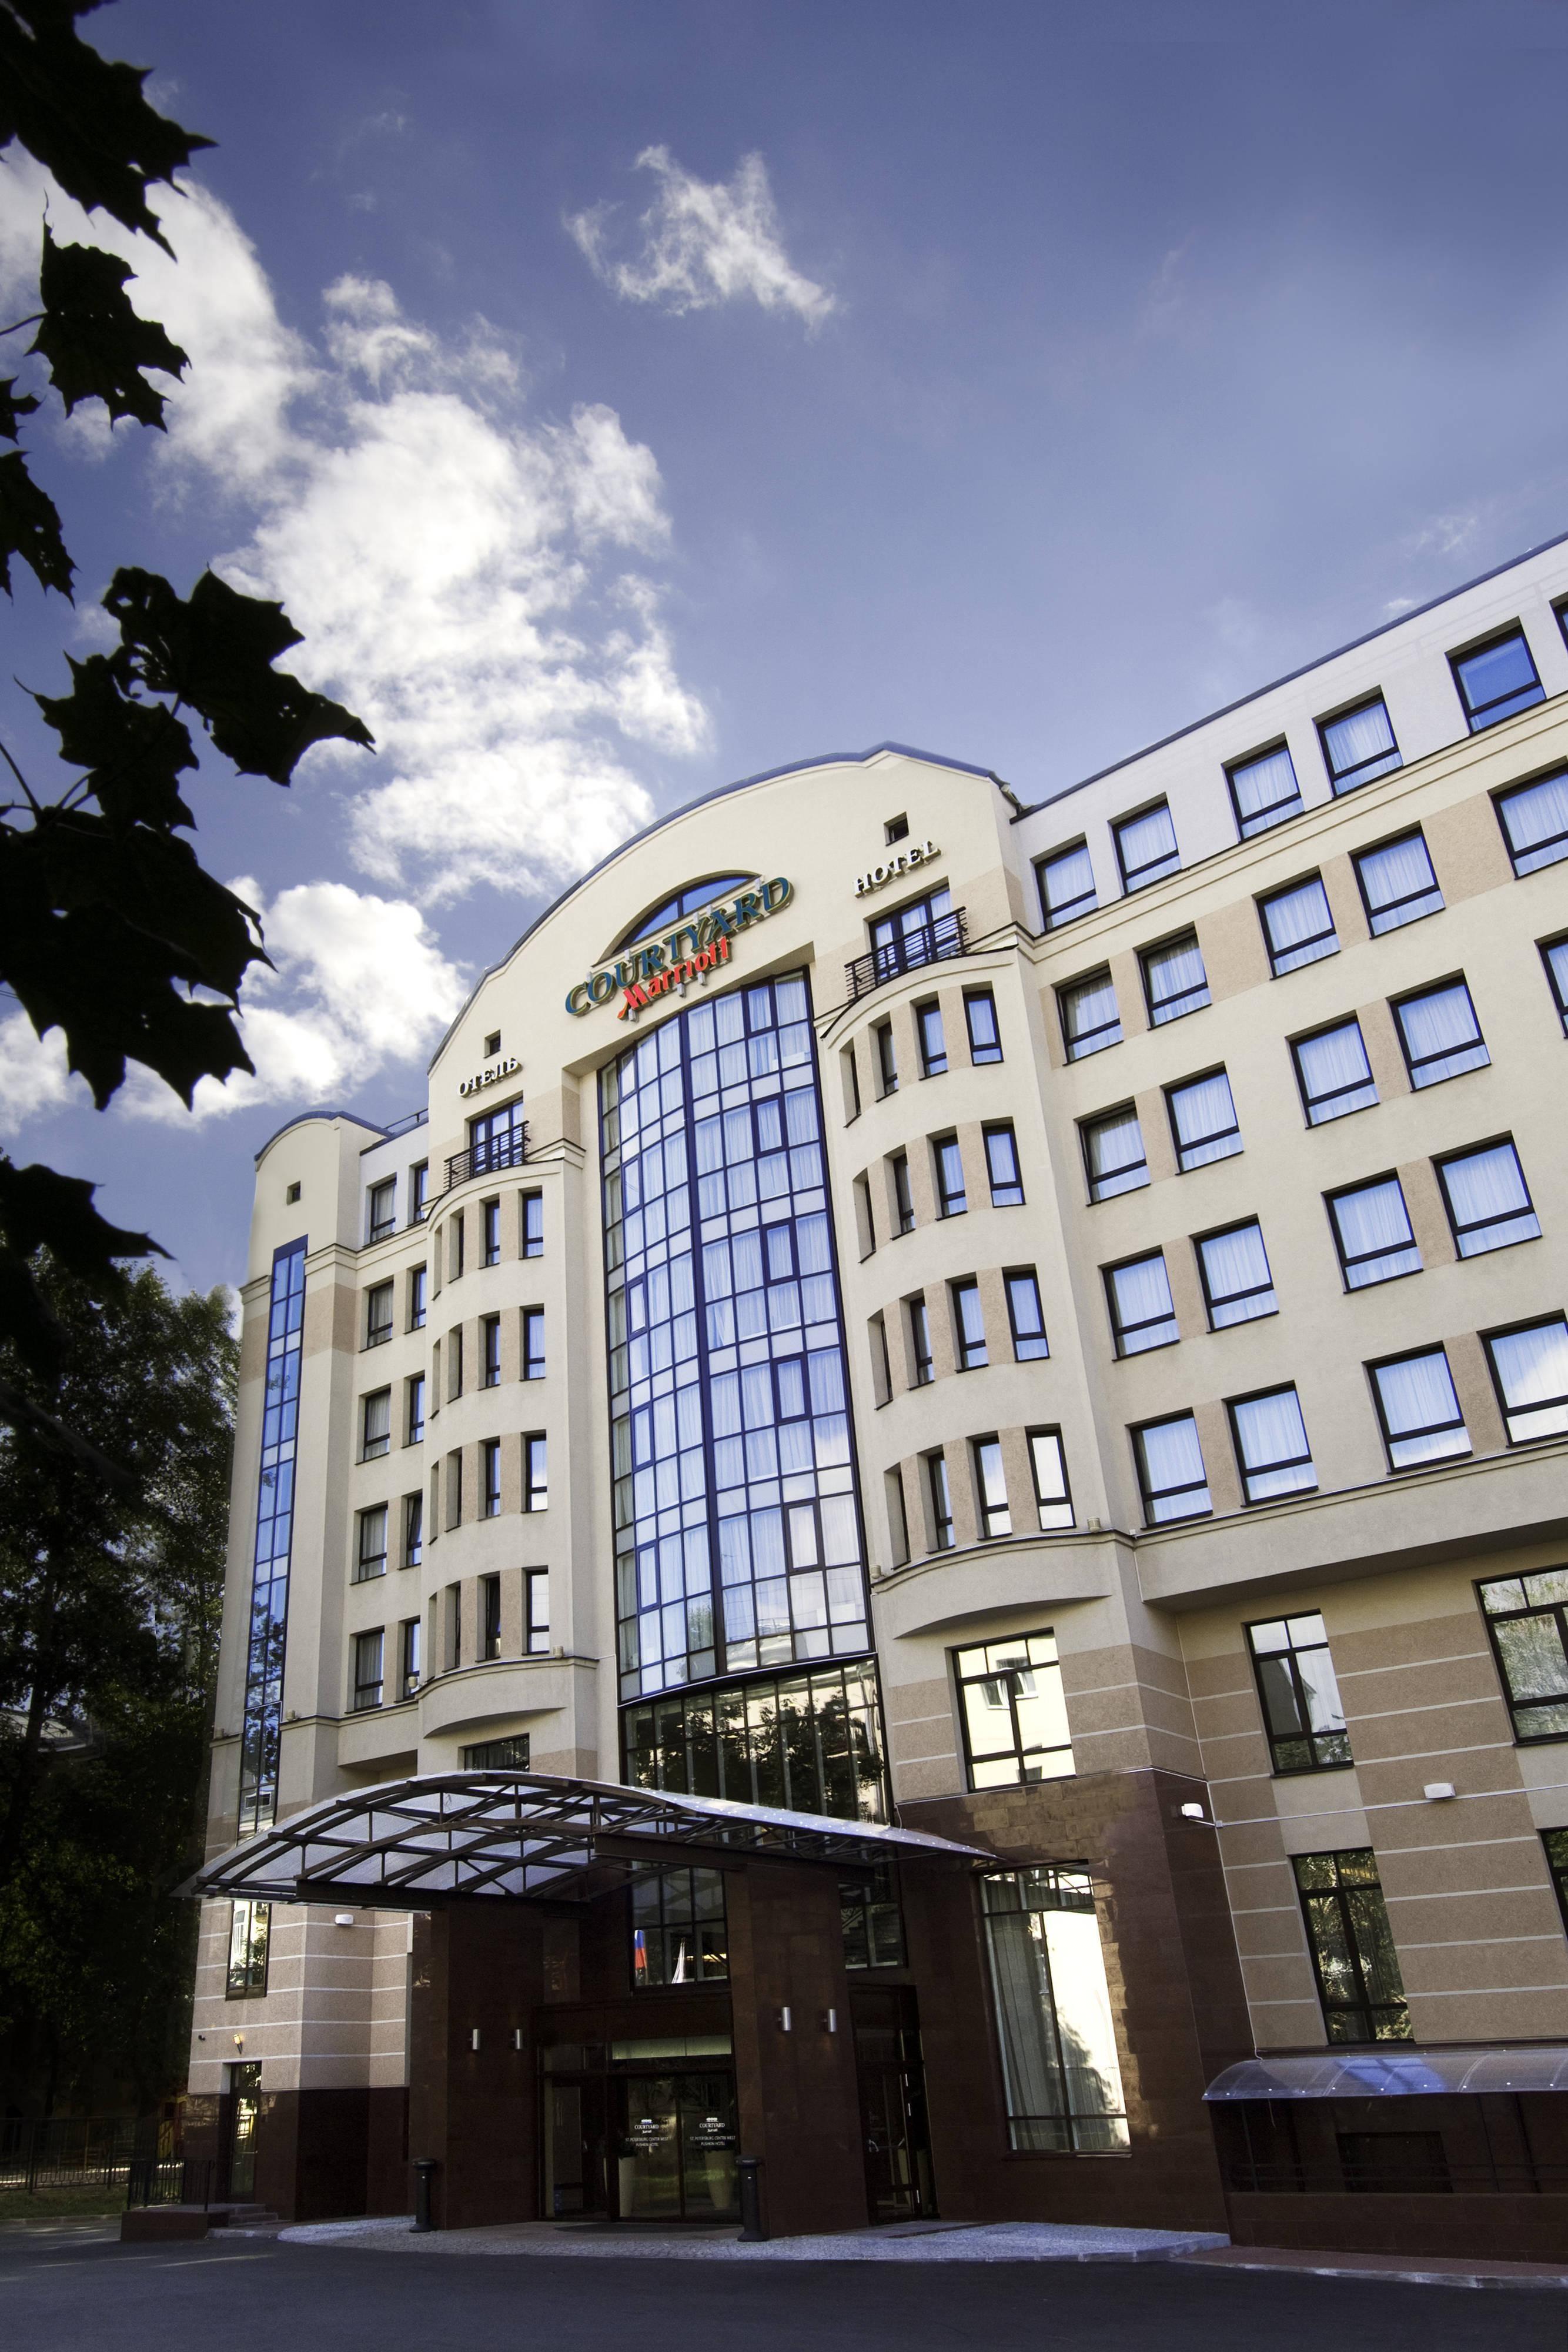 Фотографии отеля Courtyard (Санкт-Петербург)